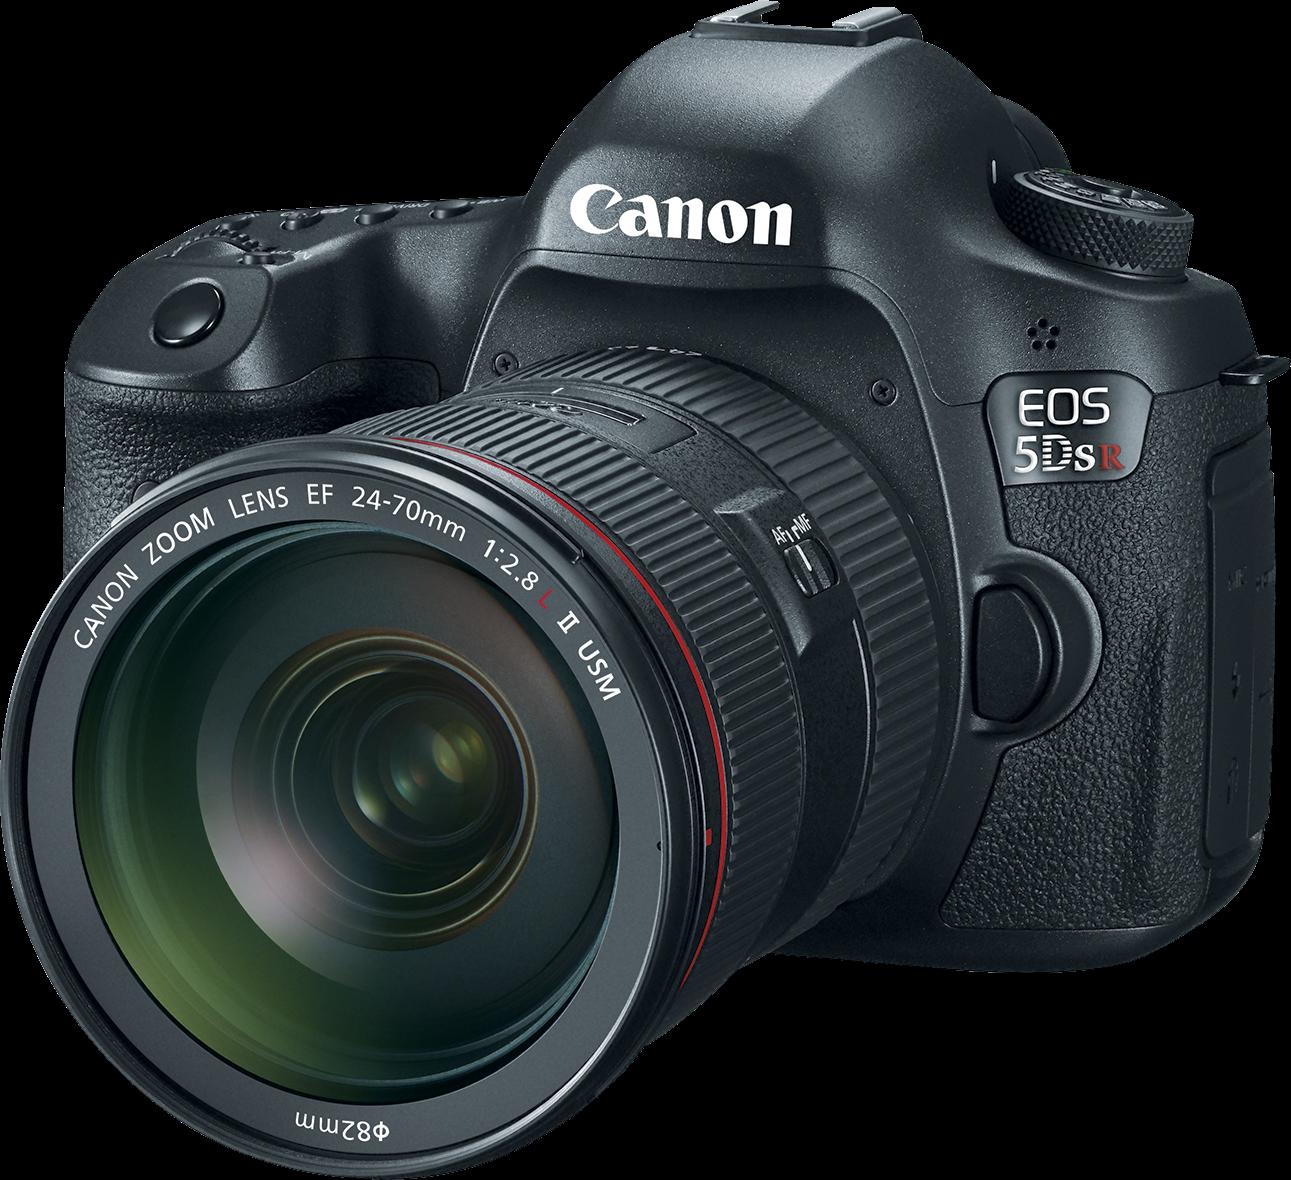 Canon Eos 5ds R Canon Dslr Camera Canon Dslr Canon 5ds